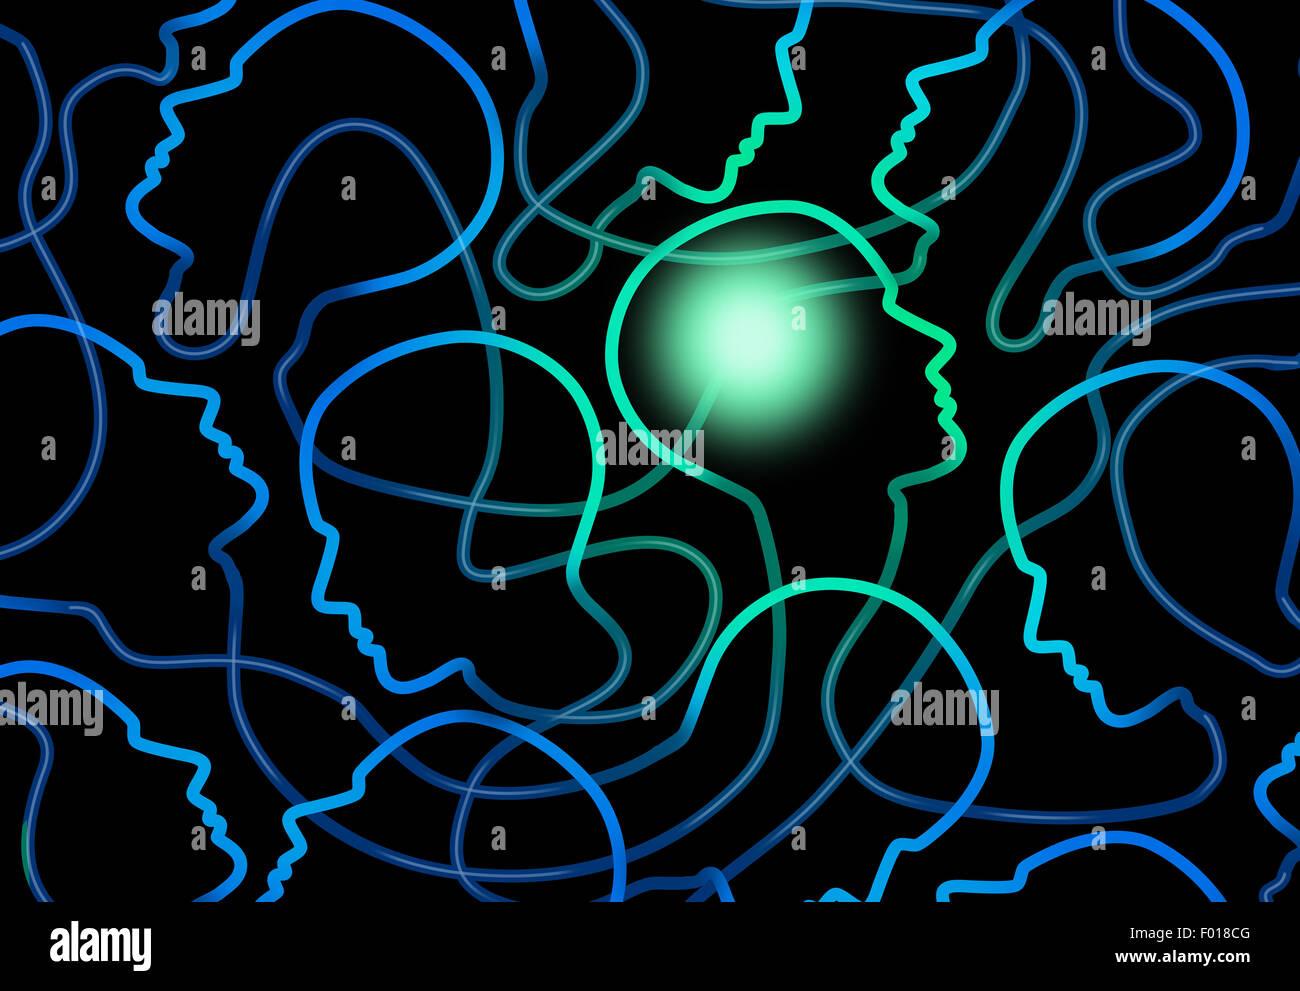 La psicologia sociale nozione come un gruppo di rete di persone le icone con un cervello individuale illuminati Immagini Stock